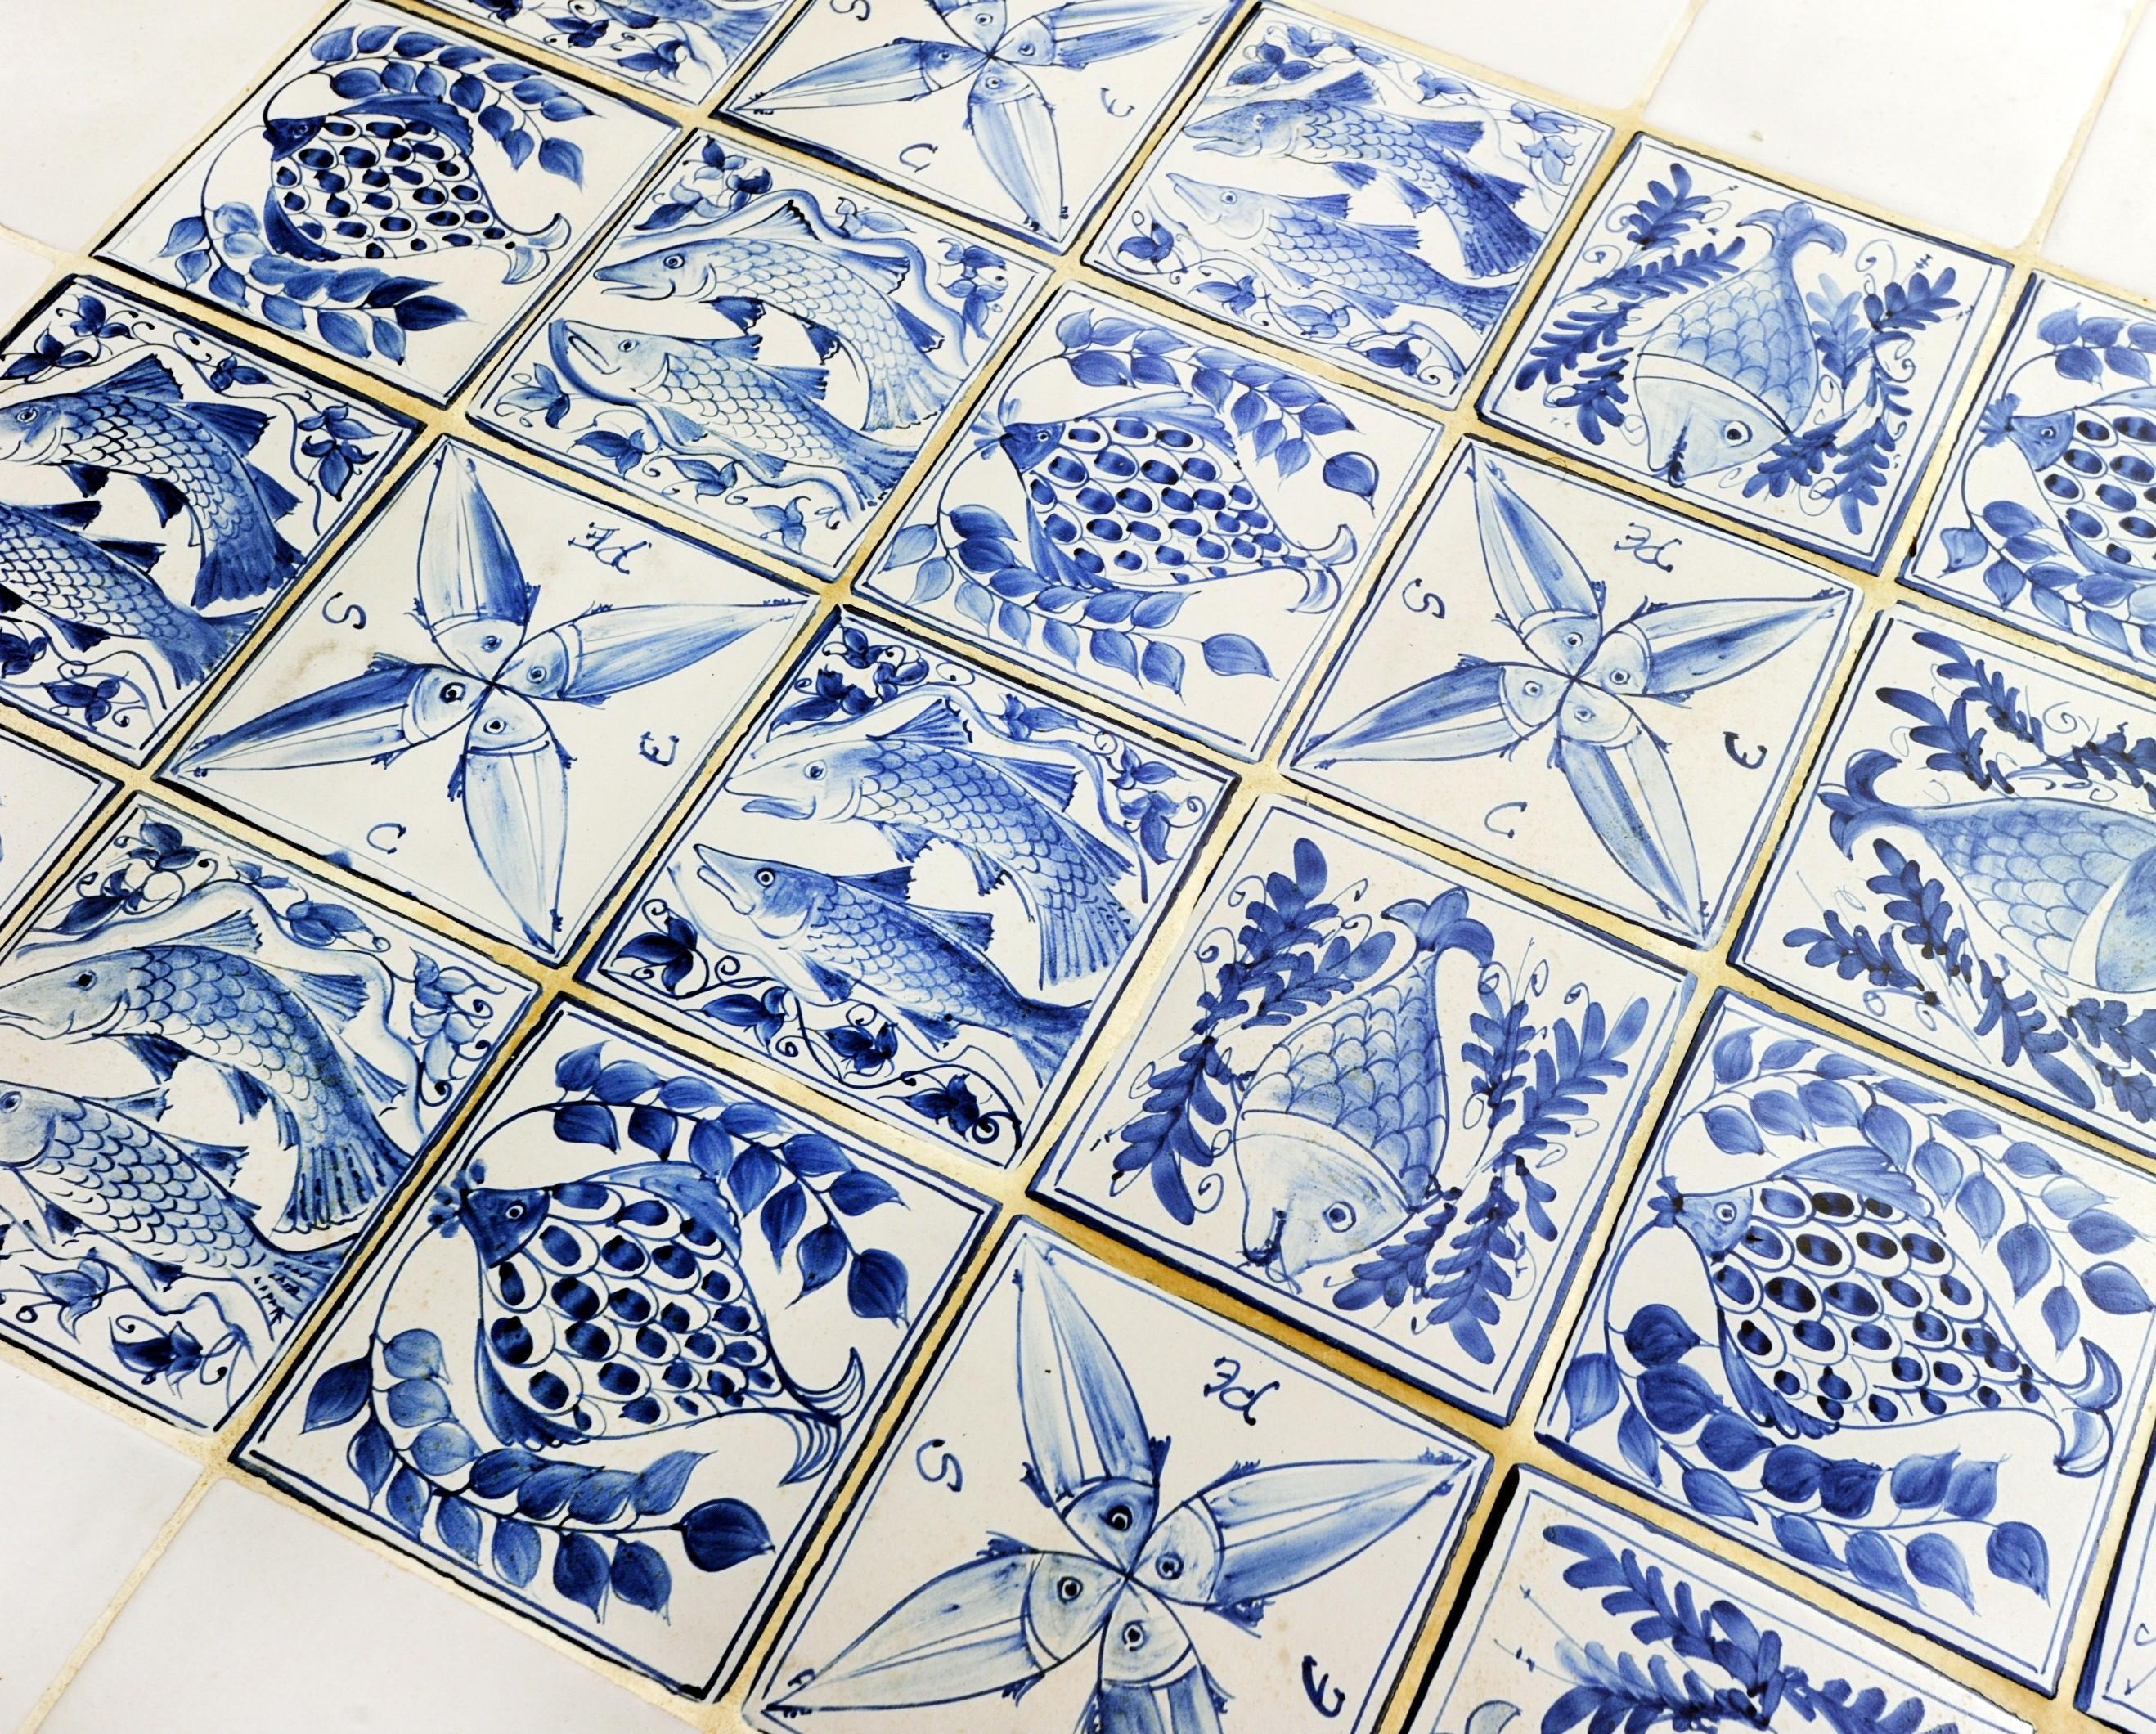 Piastrelle in maiolica elegant piastrelle mattonelle maioliche pavimenti with piastrelle in - Piastrelle in maiolica ...